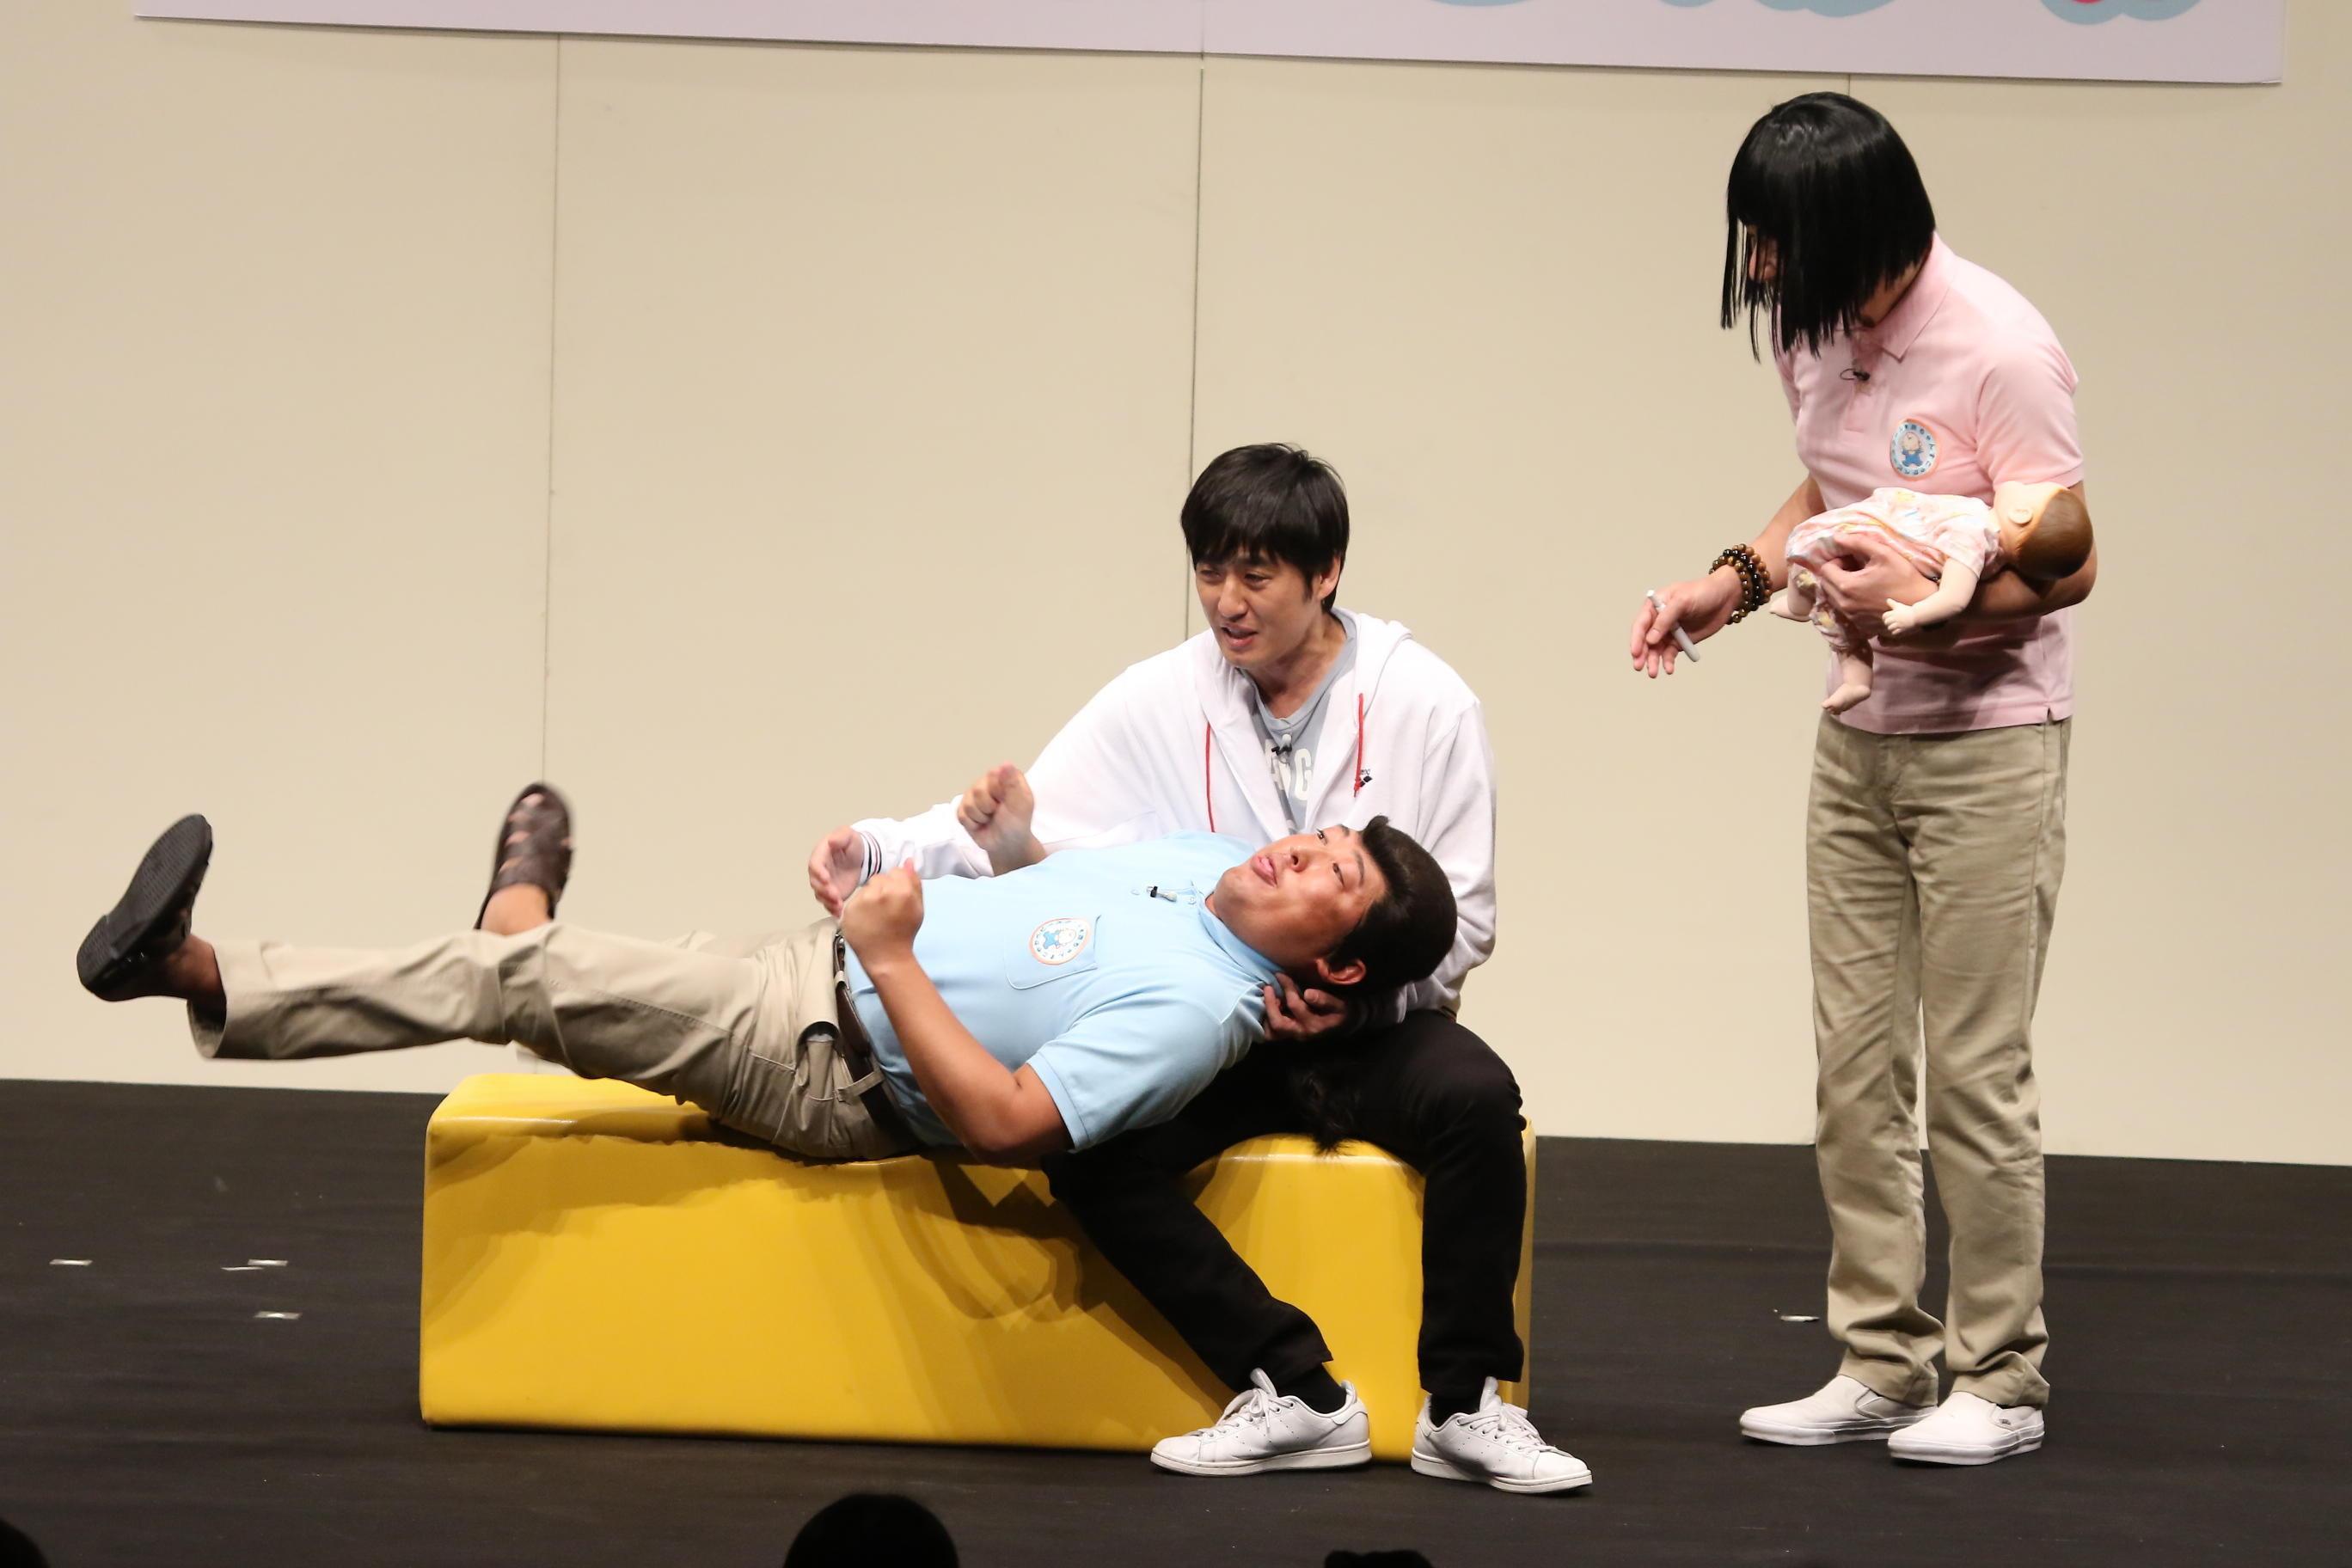 http://news.yoshimoto.co.jp/20190111101319-154d7b621b4f0c5509f94a95474a136c8ea5a653.jpg